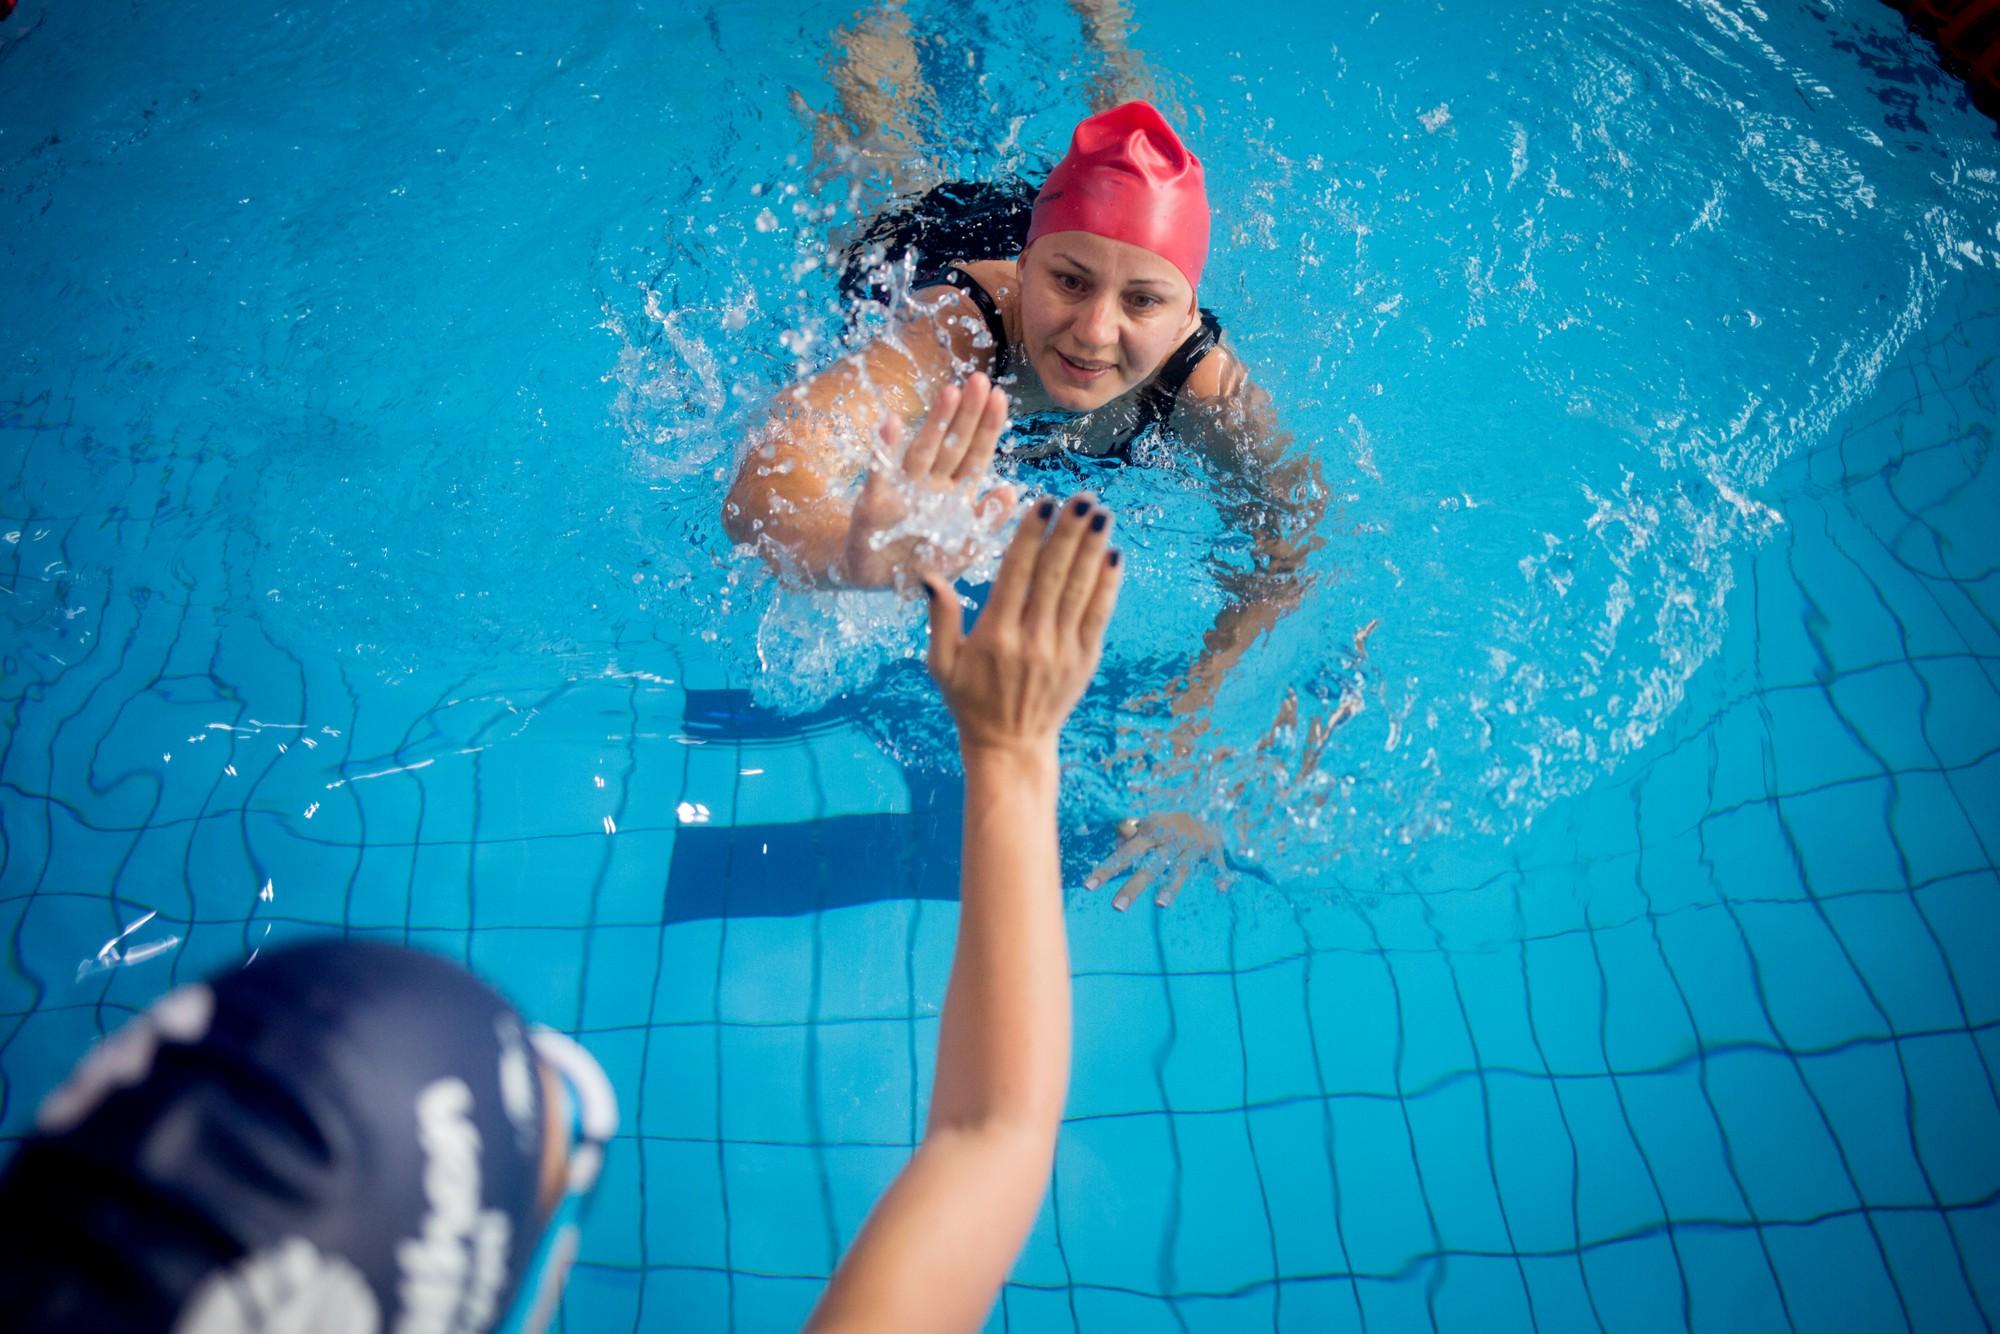 Peste 400 de oameni înoată și strâng bani la Swimathon București